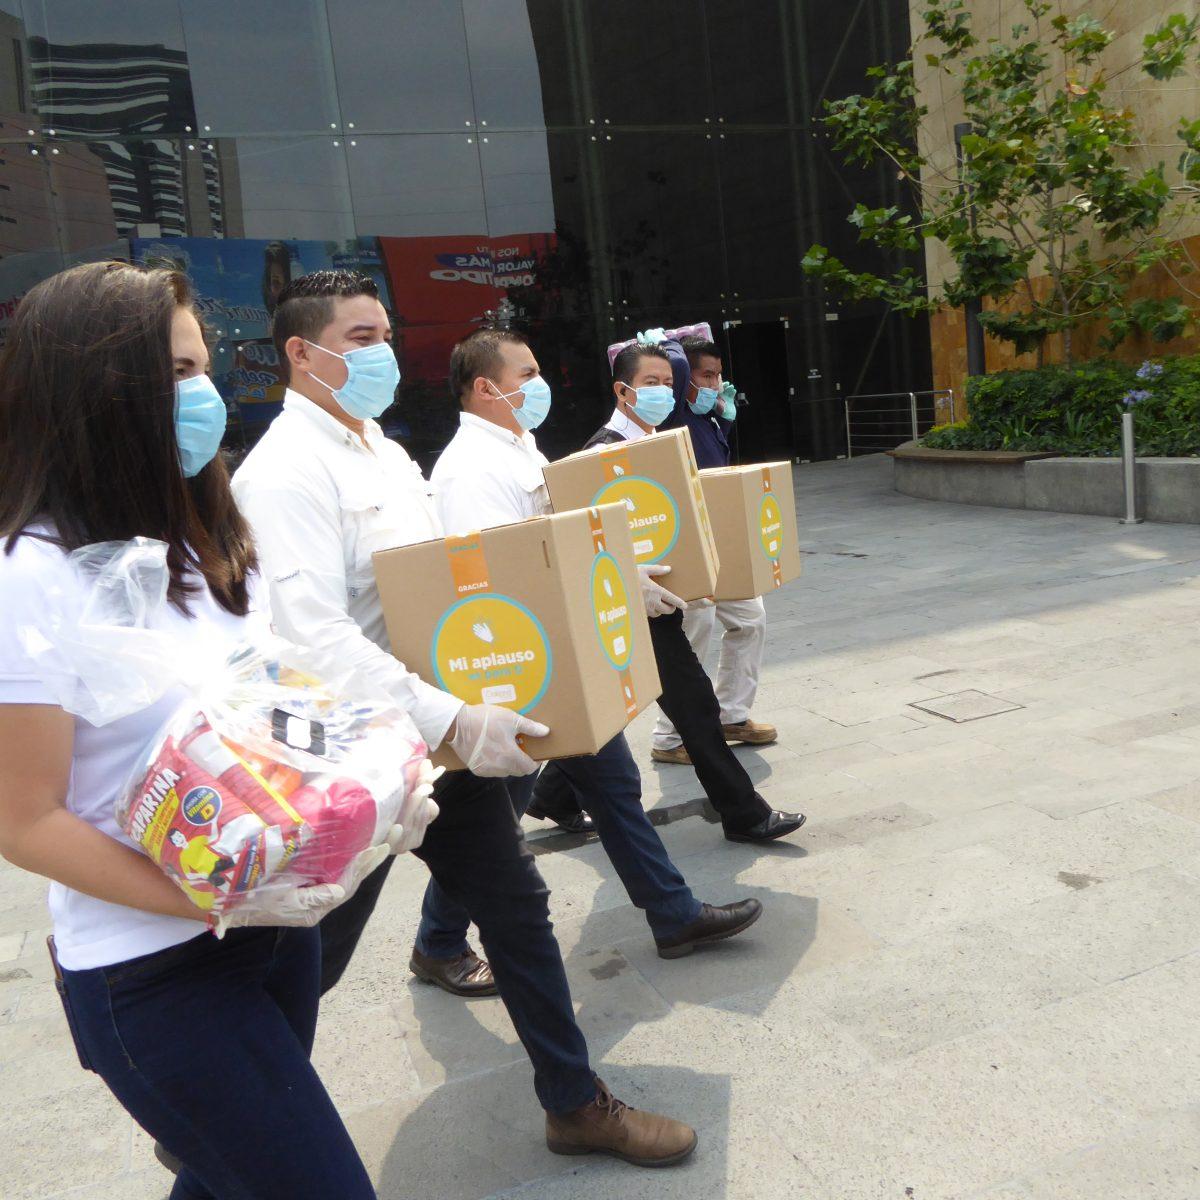 Spectrum entregó bolsas de víveres como agradecimiento a servidores públicos e instituciones sociales